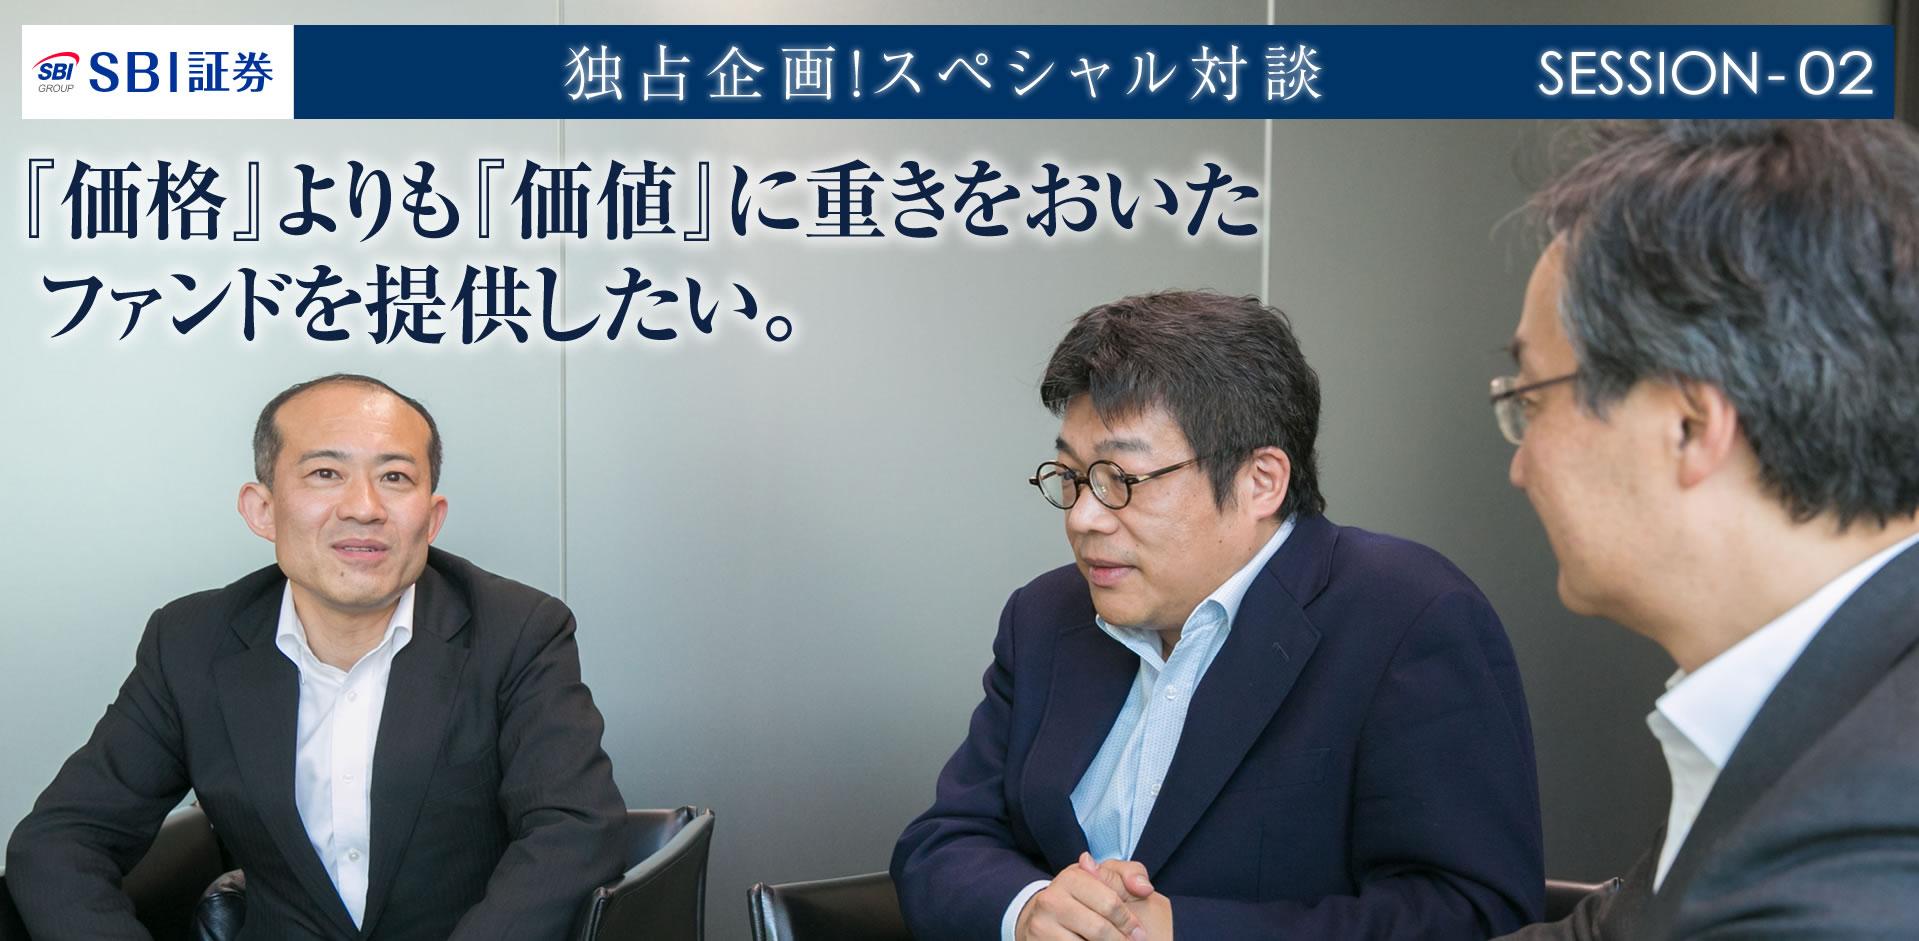 独占企画!スペシャル対談 SESSION-02